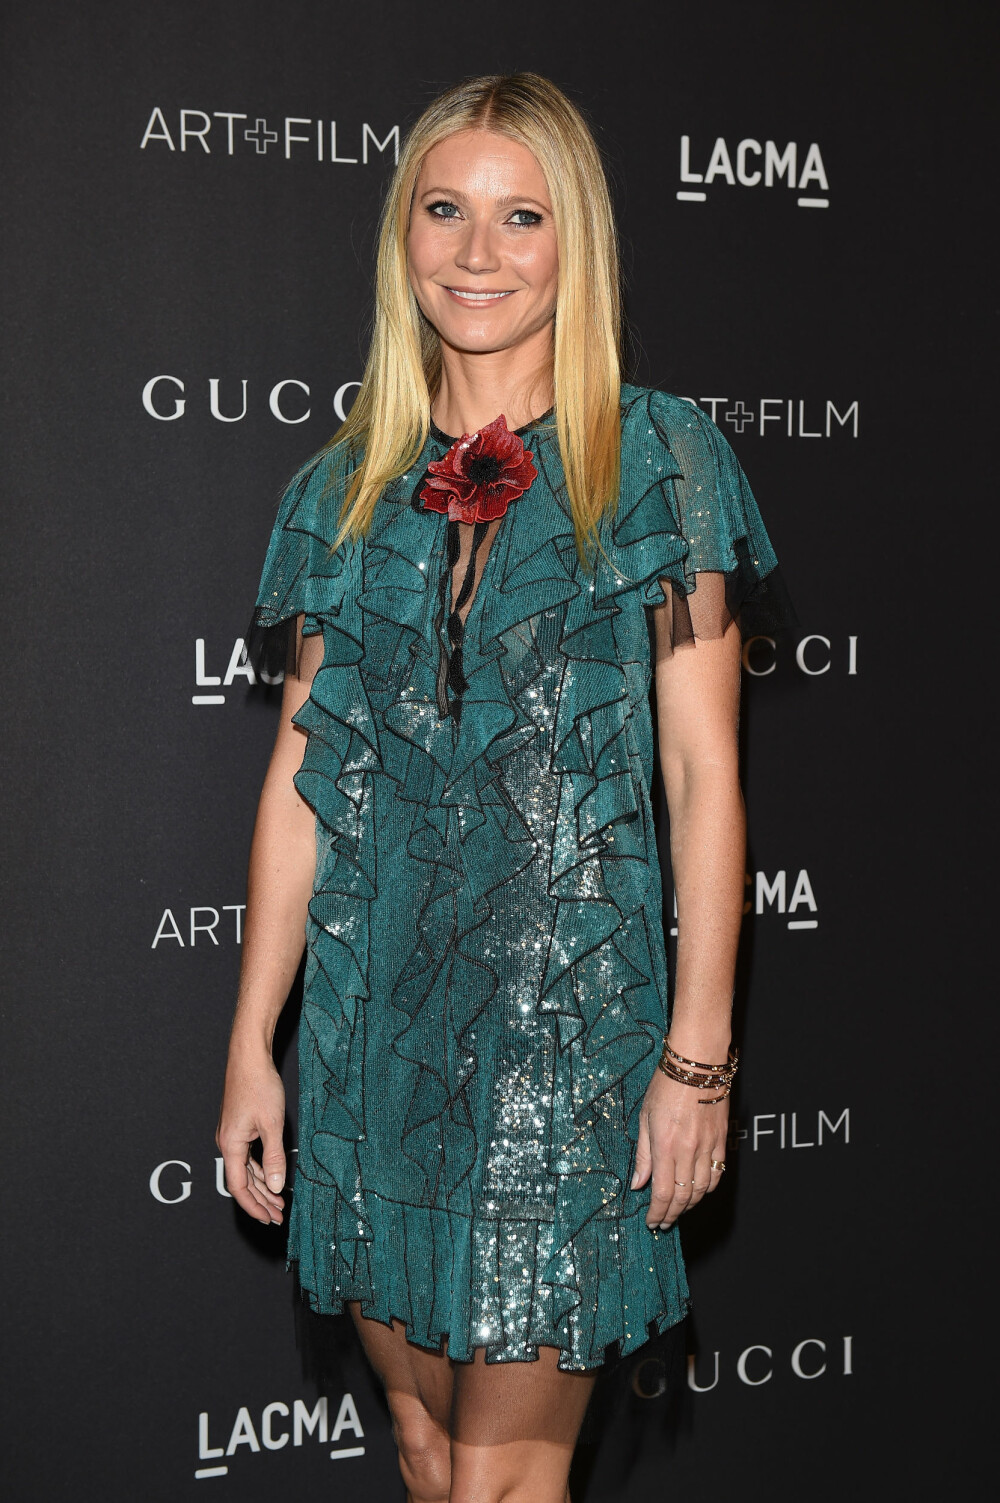 GLATT HÅR: Enkel og fin festfrisyre gjort på null komma niks! Her sett på Gwyneth Paltrow.